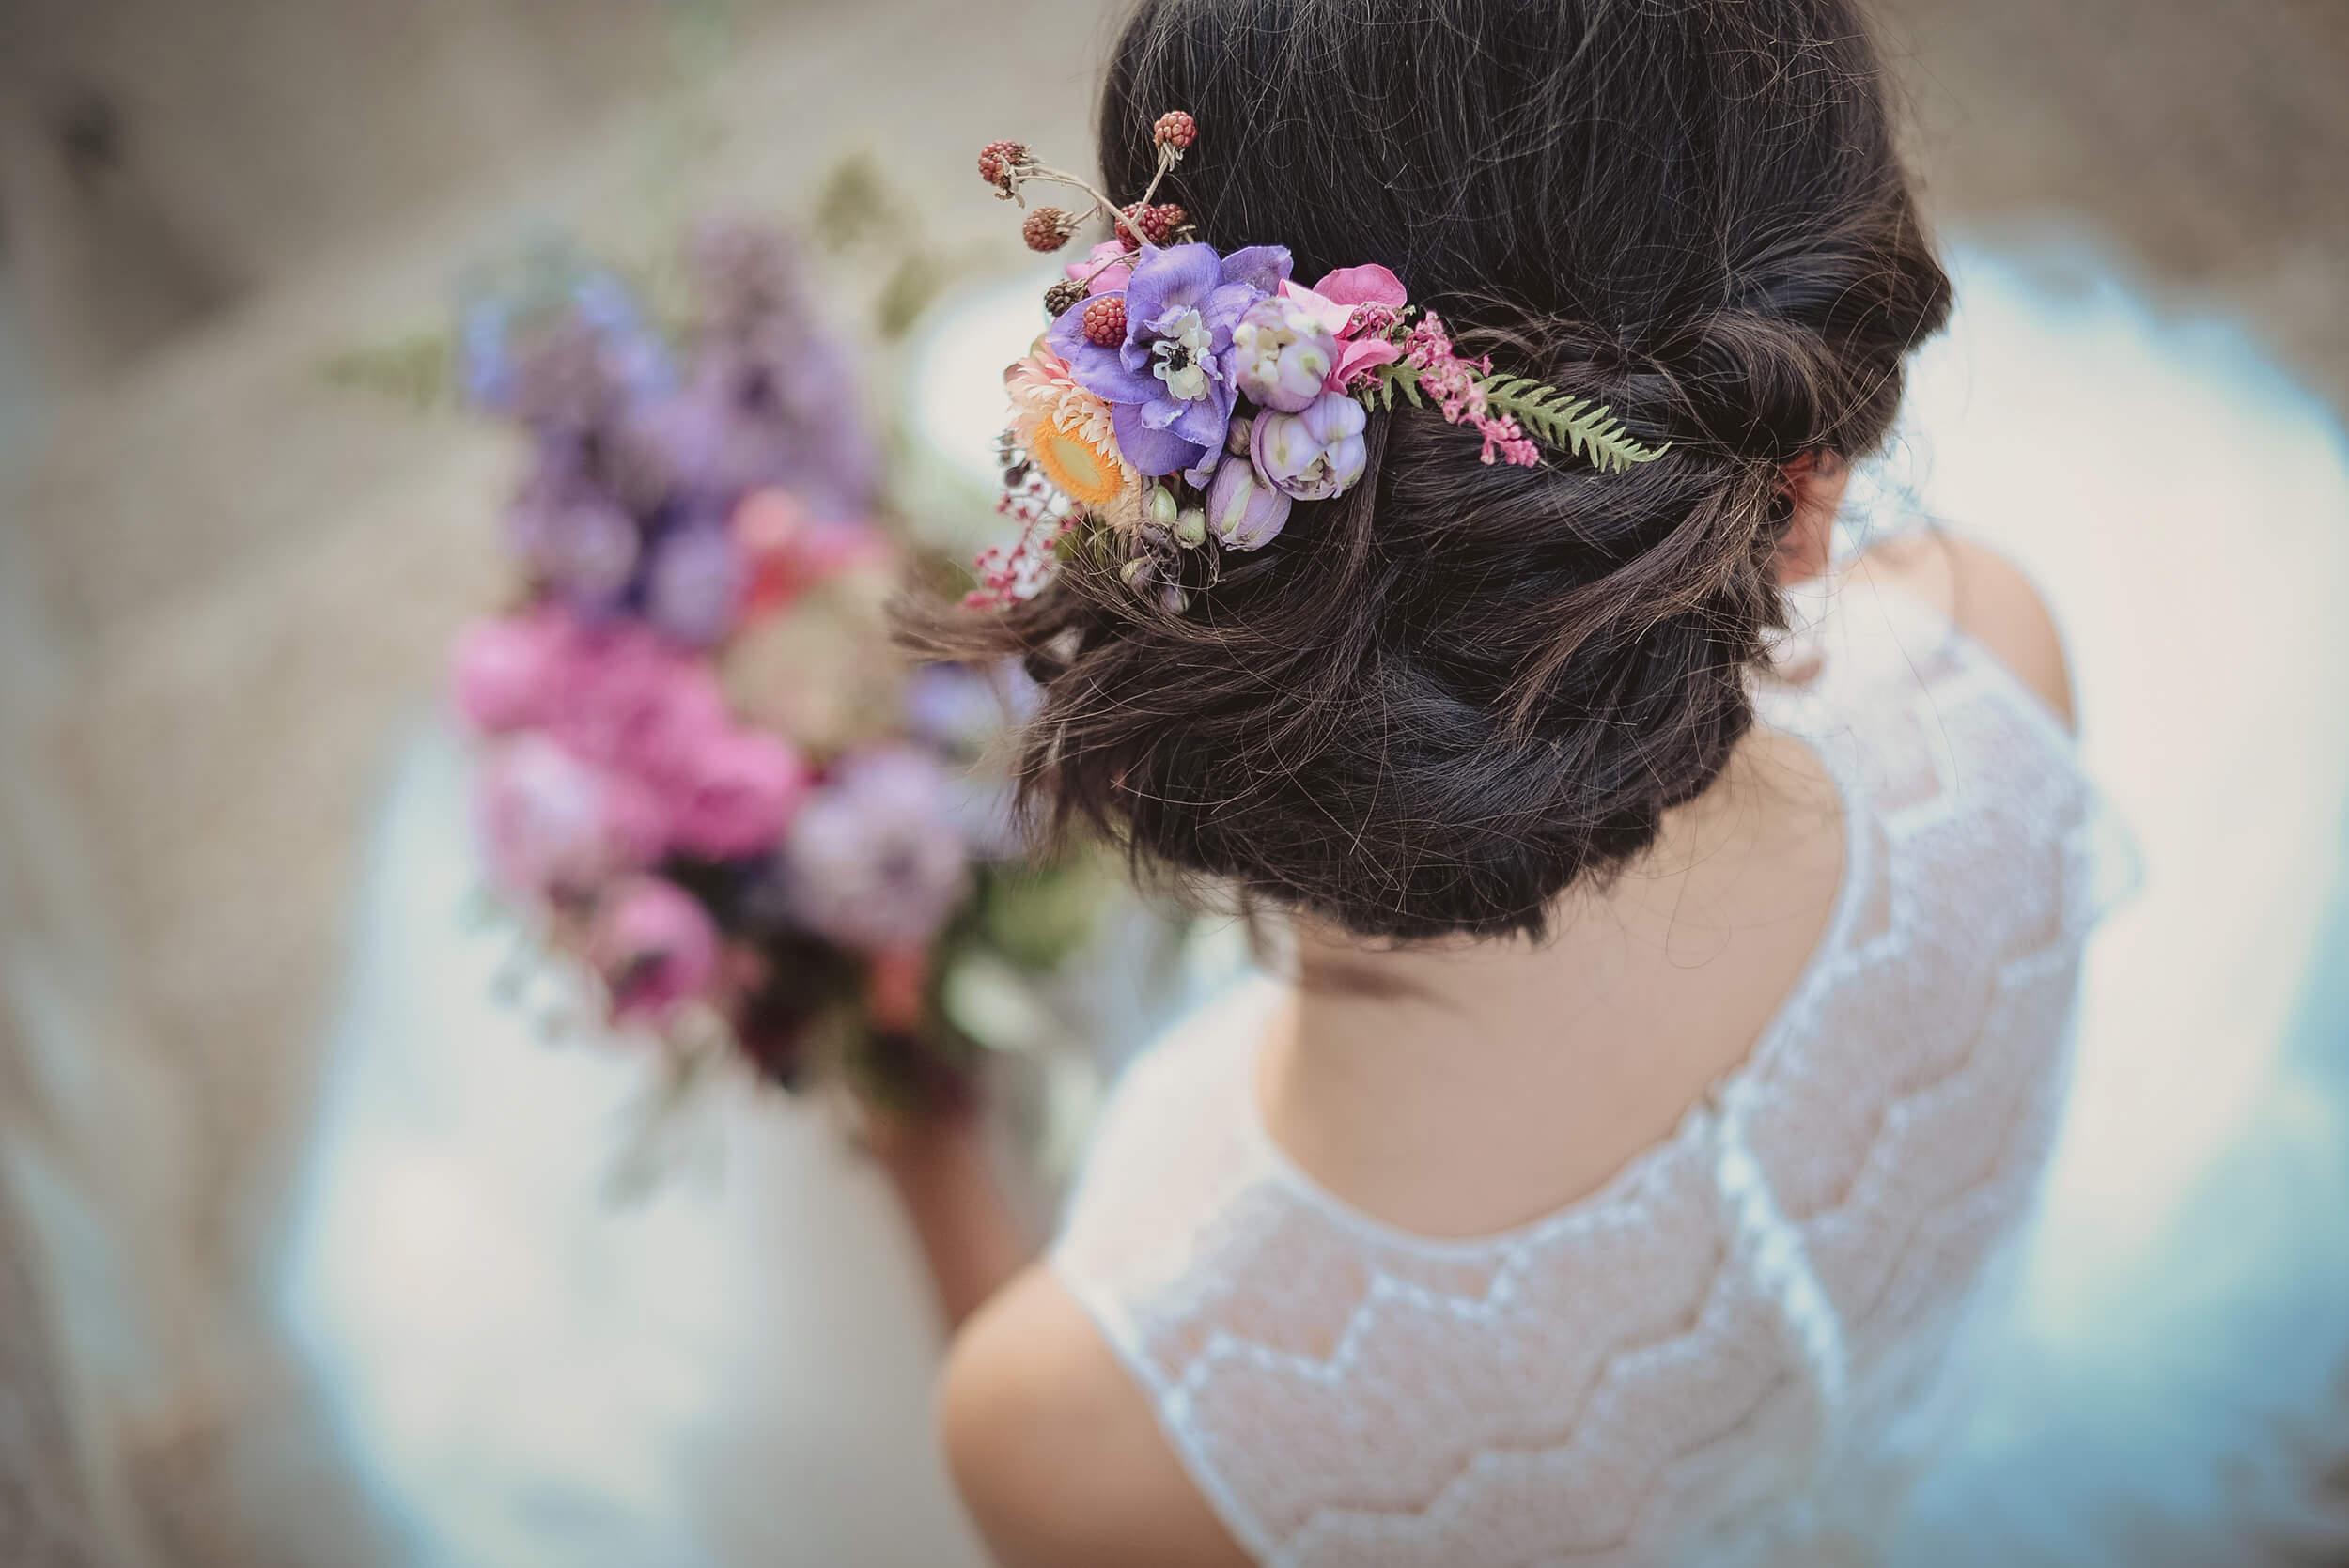 roma-organizacao-eventos-editorial-casamento-colorful-wedding-14